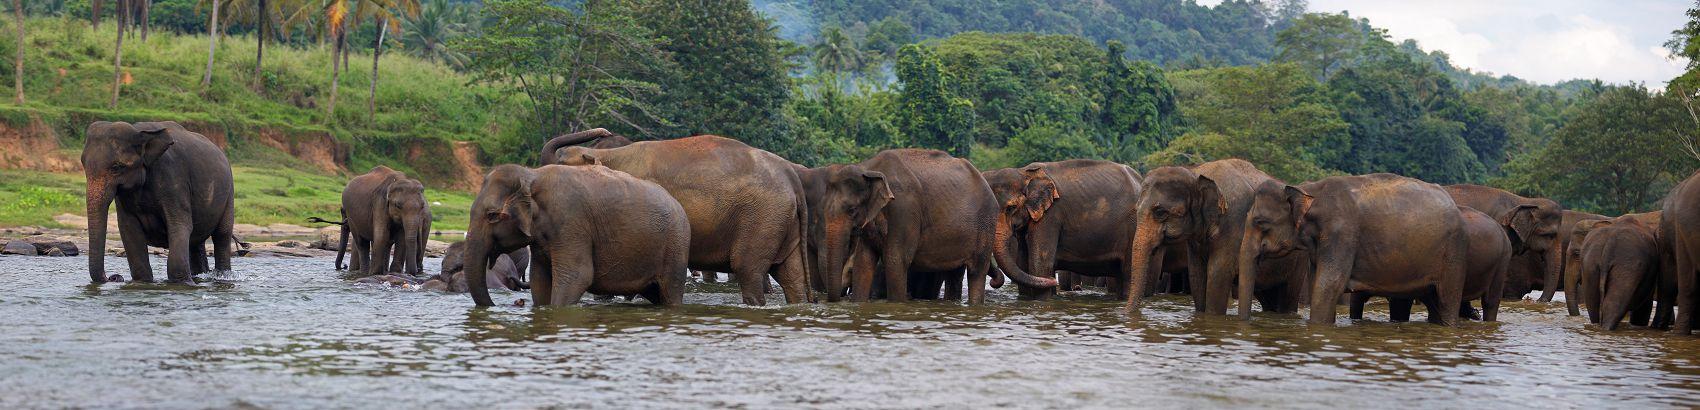 Слоны на водопое вечером